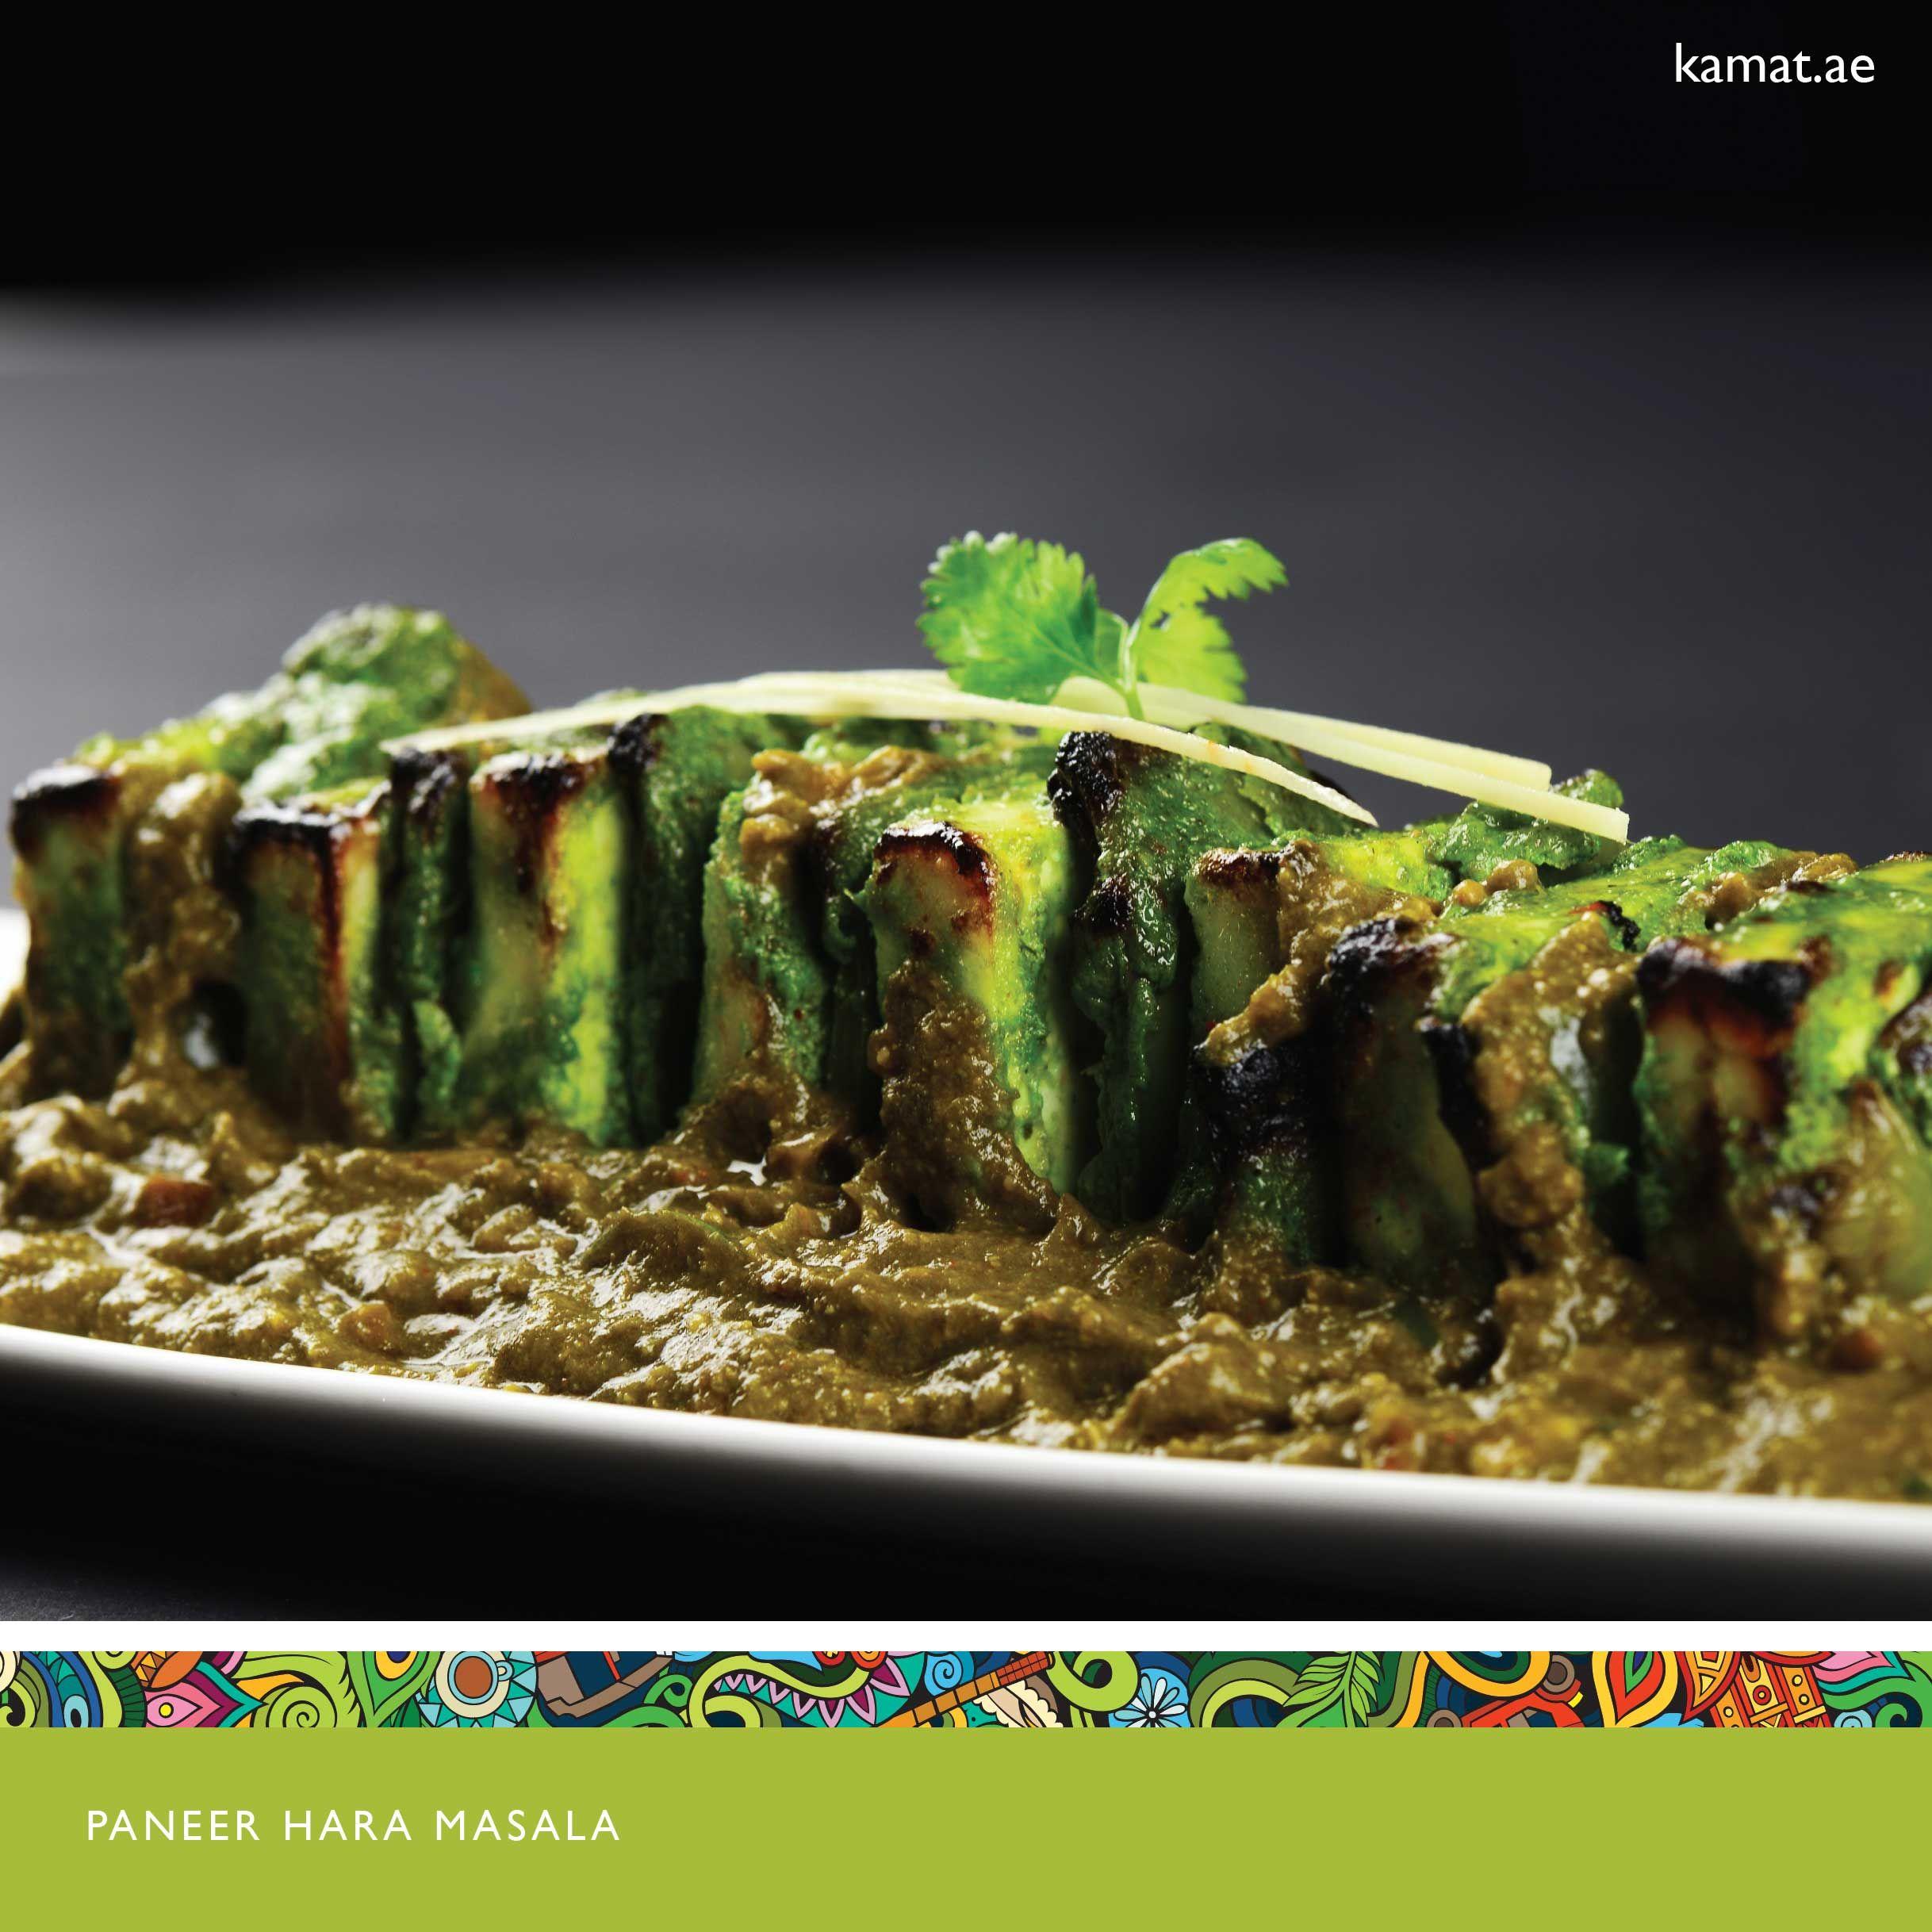 What Are You Having For Dinner Vegetarian Restaurant Vegetariancuisine Uae Dubai Sharjah Vegetarian Cuisine Best Vegetarian Restaurants Vegetarian